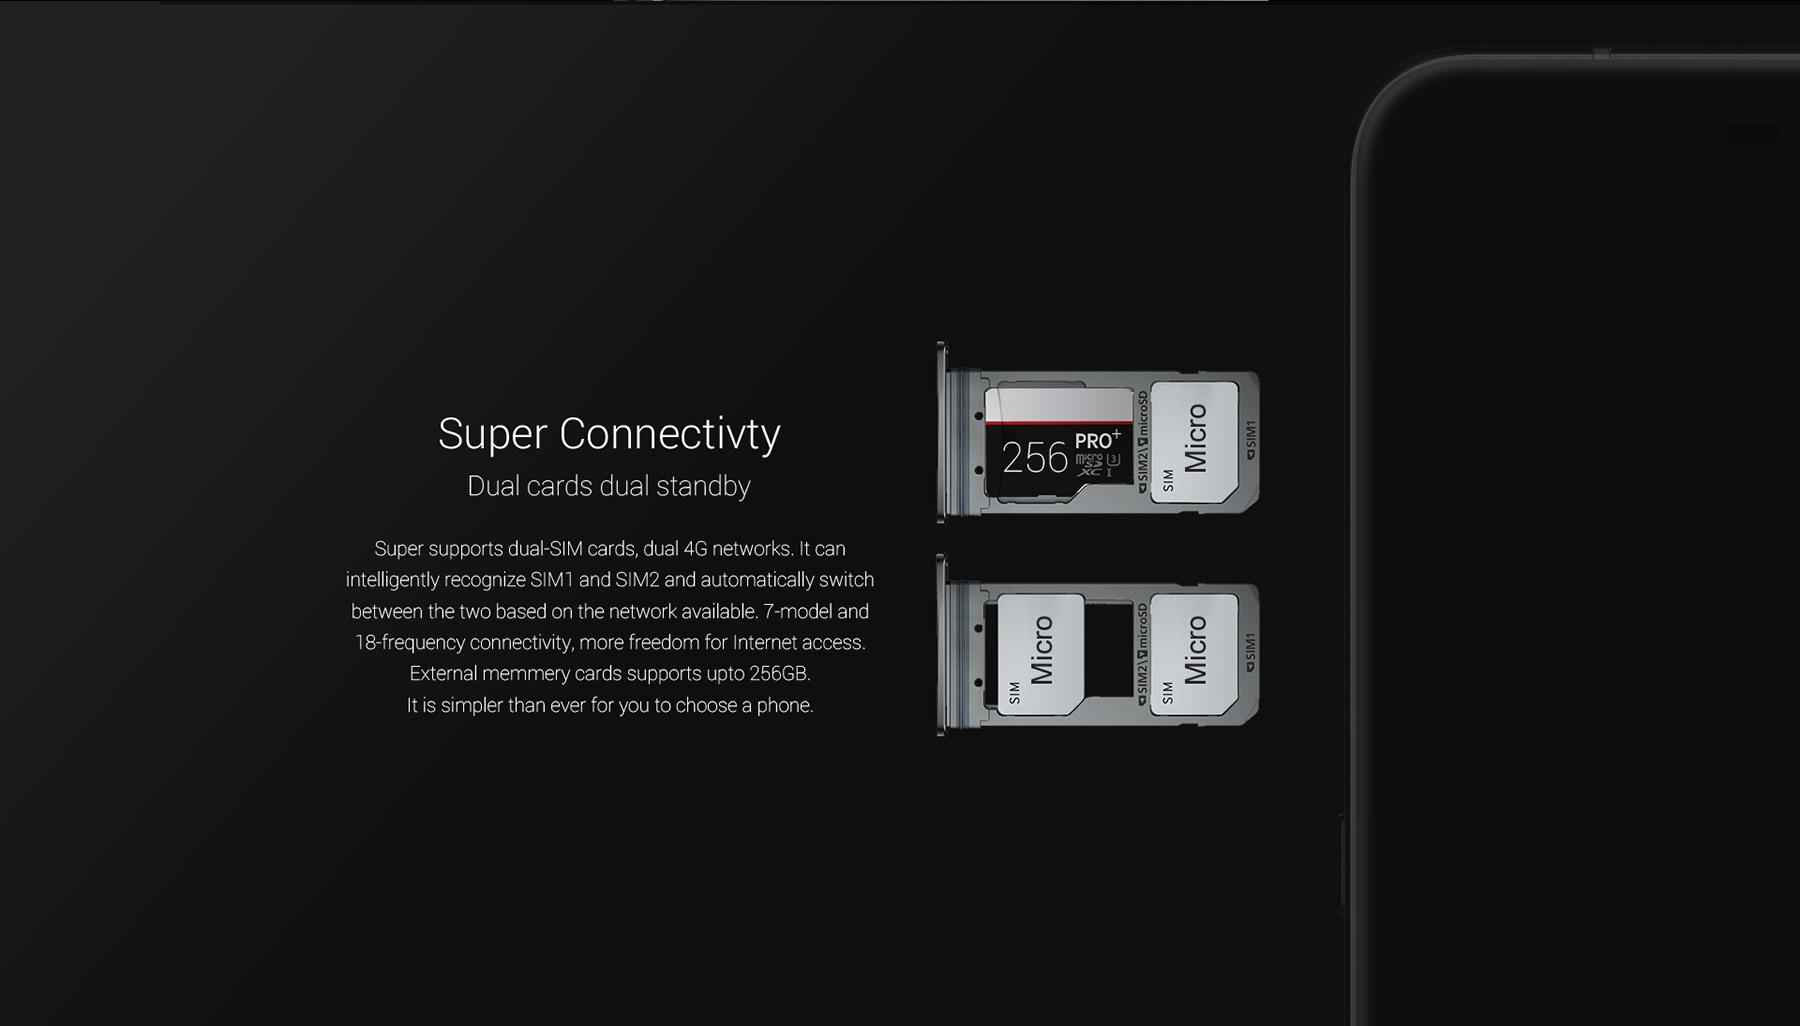 Kamera, UMI Super , Smartphone UMI SUPER, Gearbest, ohne Probleme, schnelle Lieferung, PayPal, Garantie 1 Jahr, China Smartphones Phablets